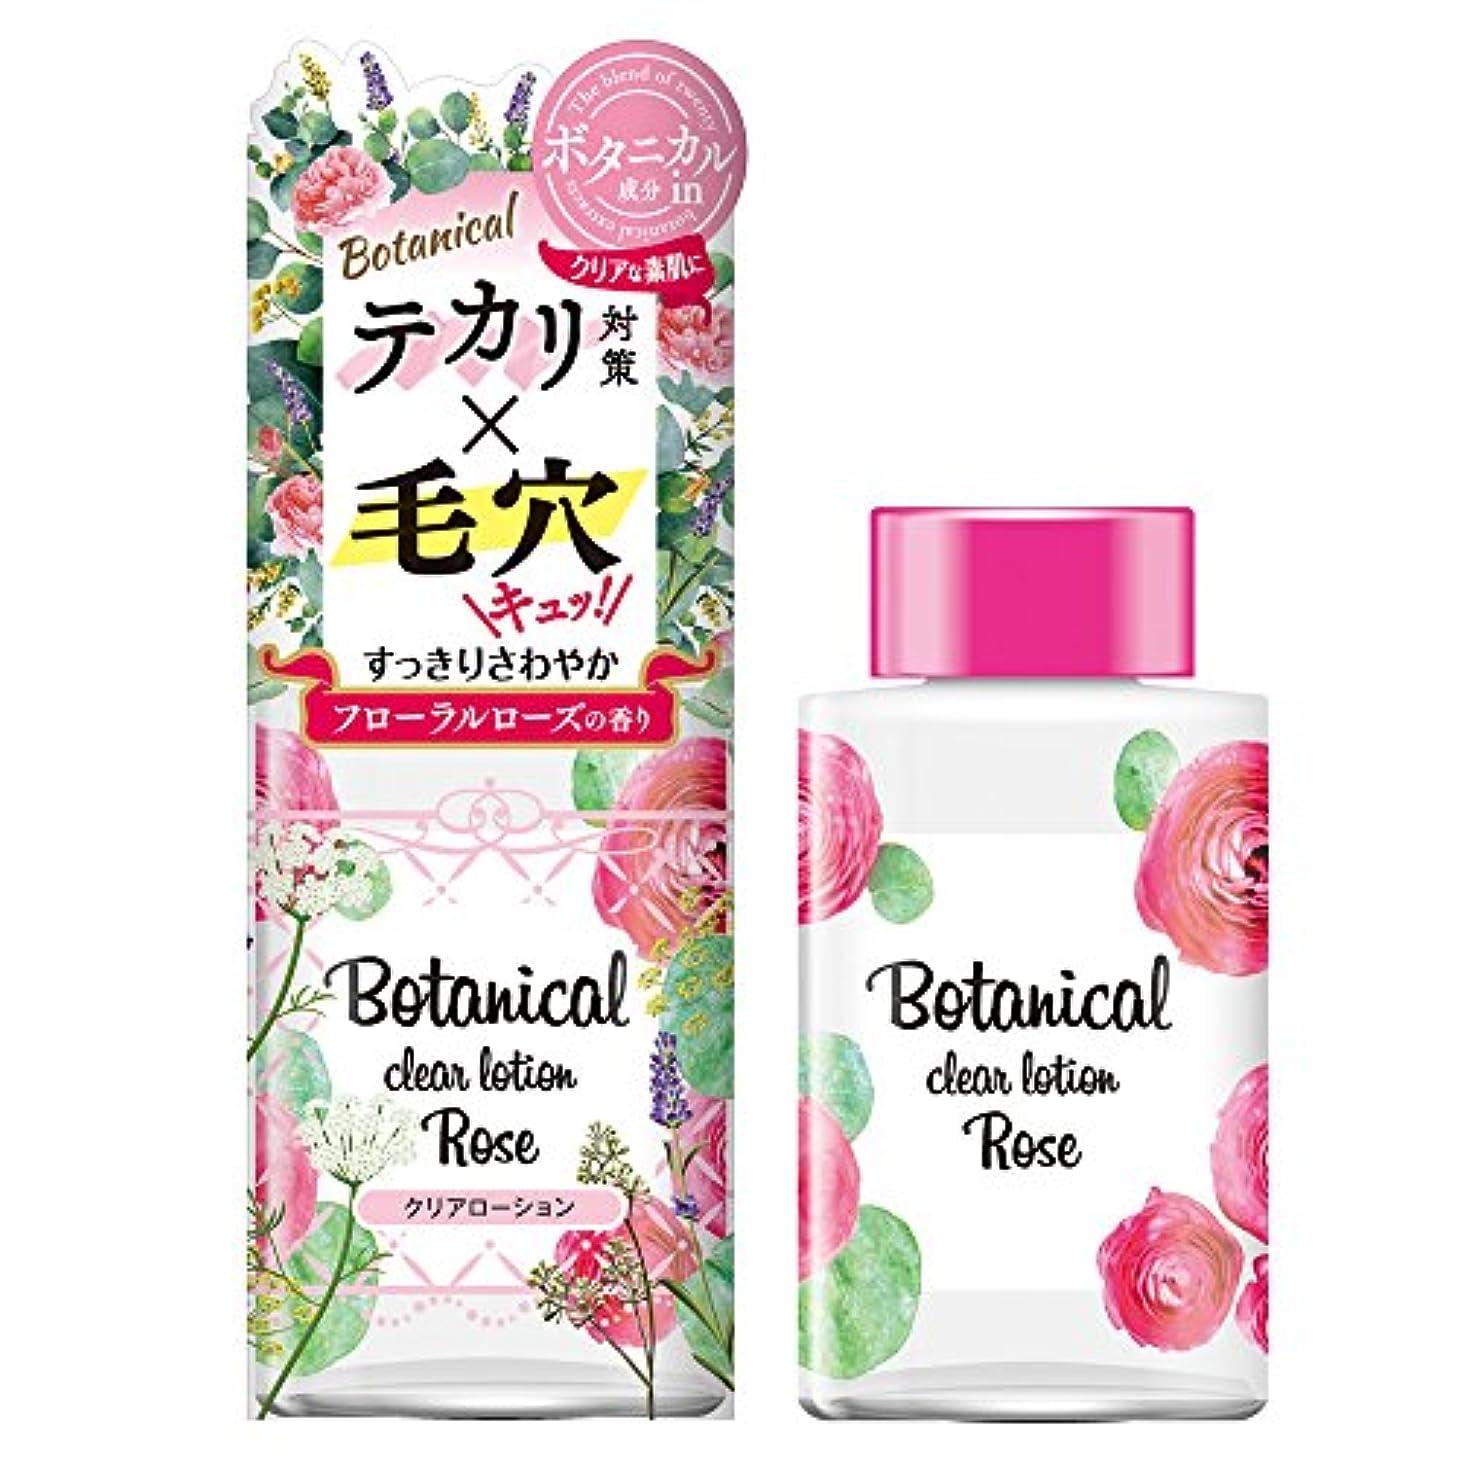 かわす作動する電気陽性ボタニカル クリアローション フローラルローズの香り